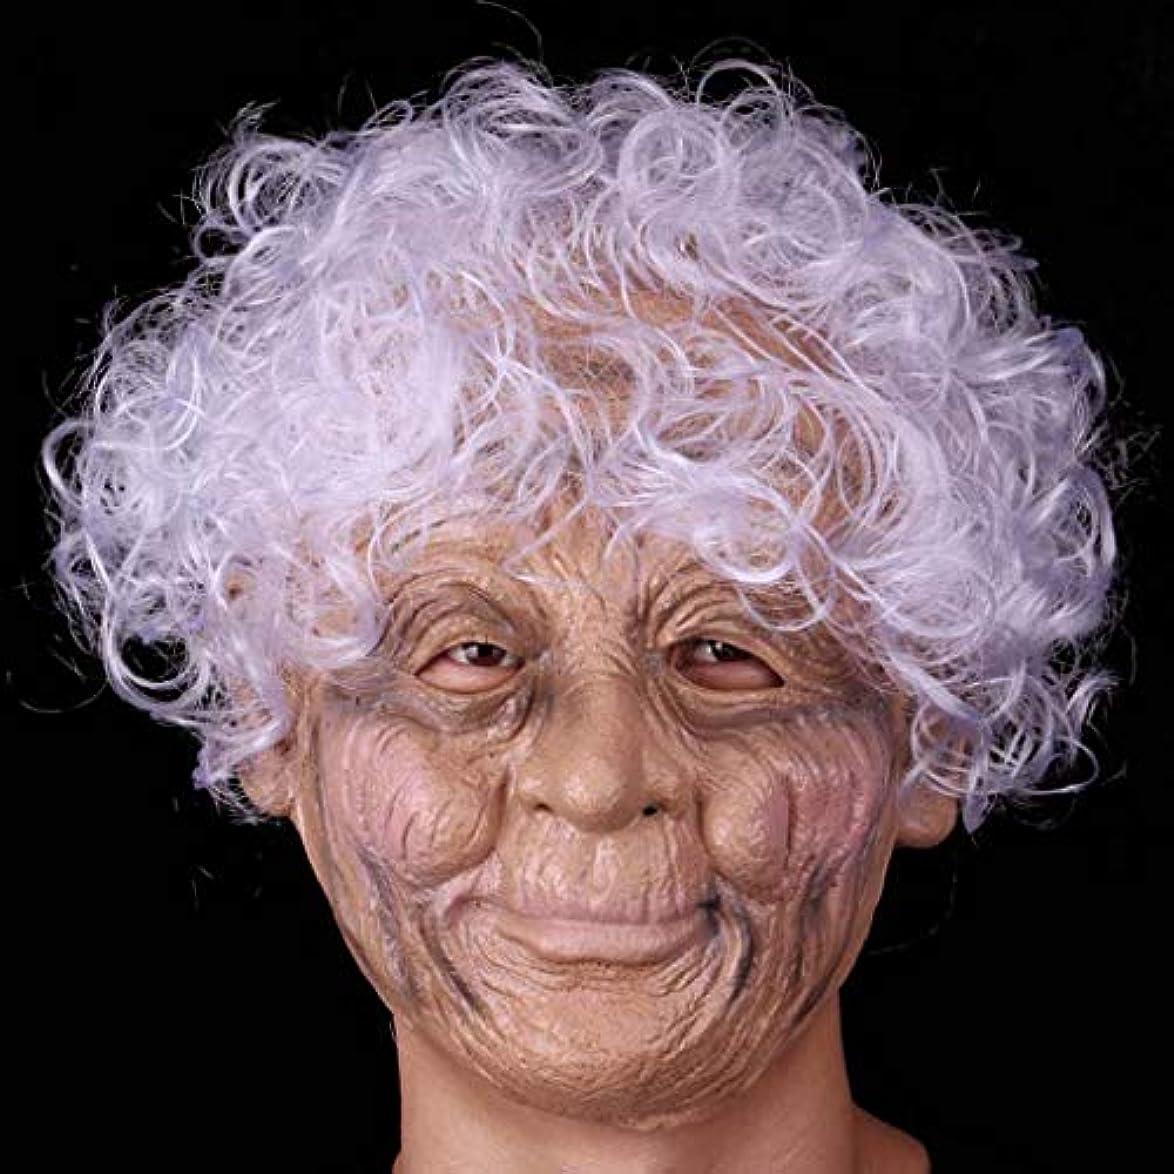 シュリンク苦難人形ハロウィンラテックスフルフェイスマスクしわ魔女マスクおばあちゃんと白髪衣装プロップパーティーコスプレ